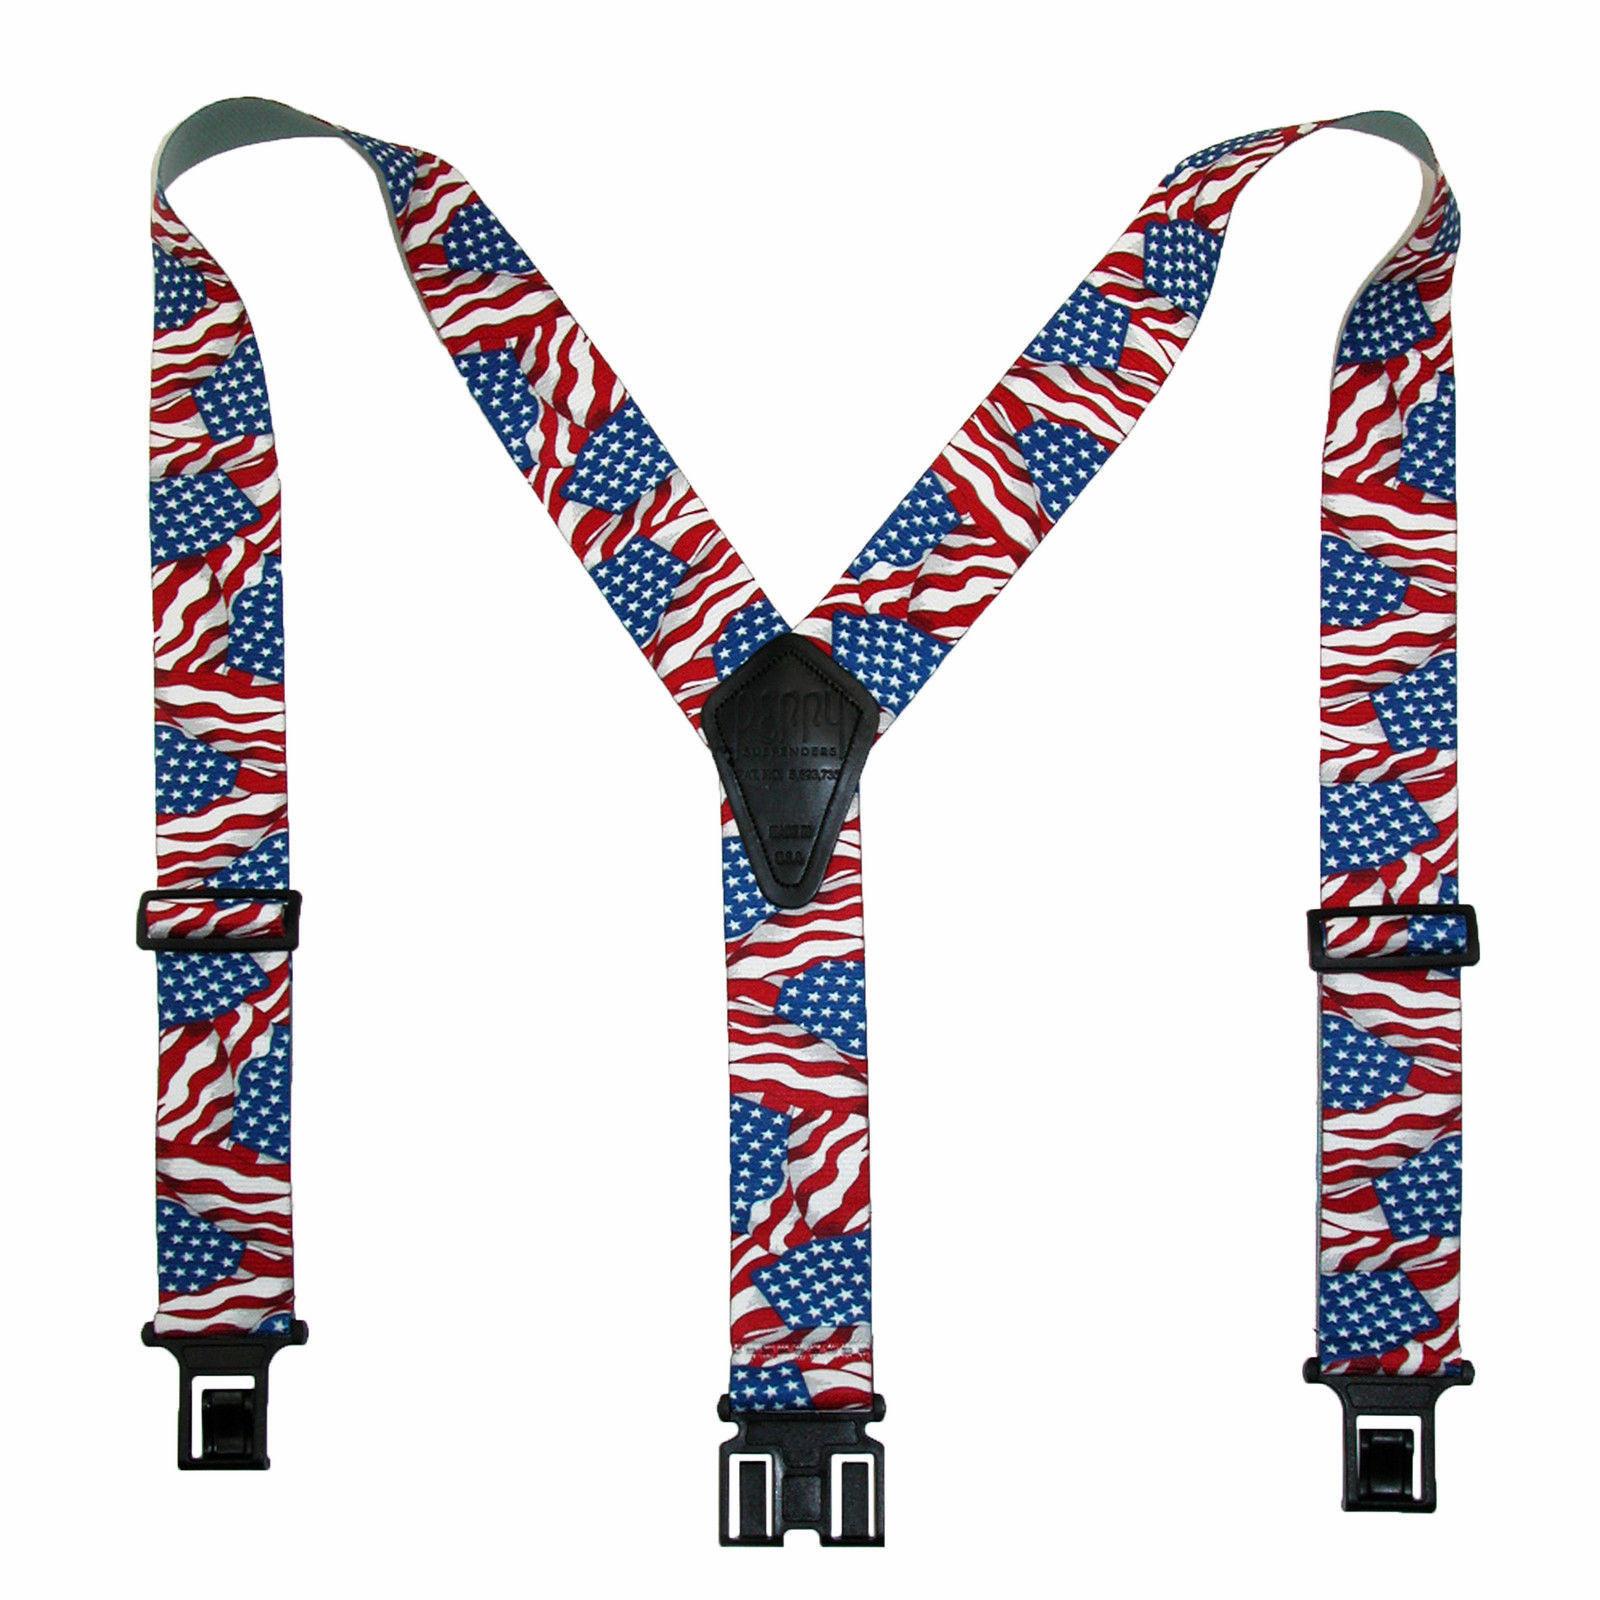 New Perry Suspenders Mens Elastic Hook End American Flag Suspenders (Reg & Tall)